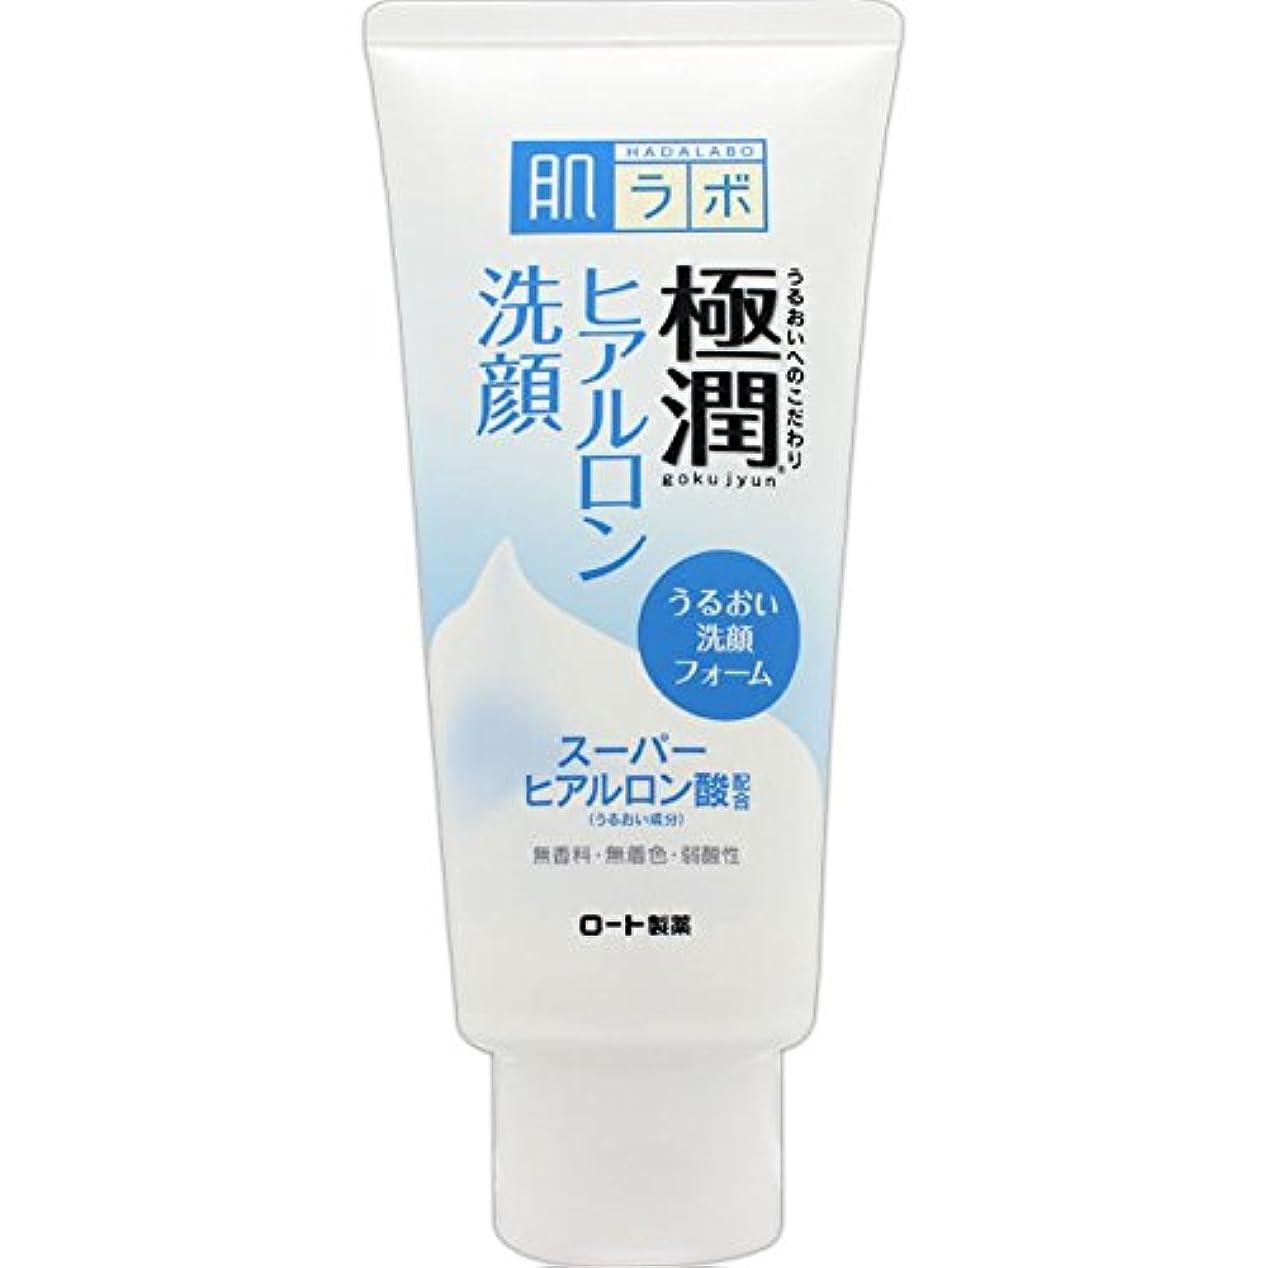 発掘バックアップ選出する肌ラボ 極潤 ヒアルロン洗顔フォーム スーパーヒアルロン酸&吸着型ヒアルロン酸をW配合 100g